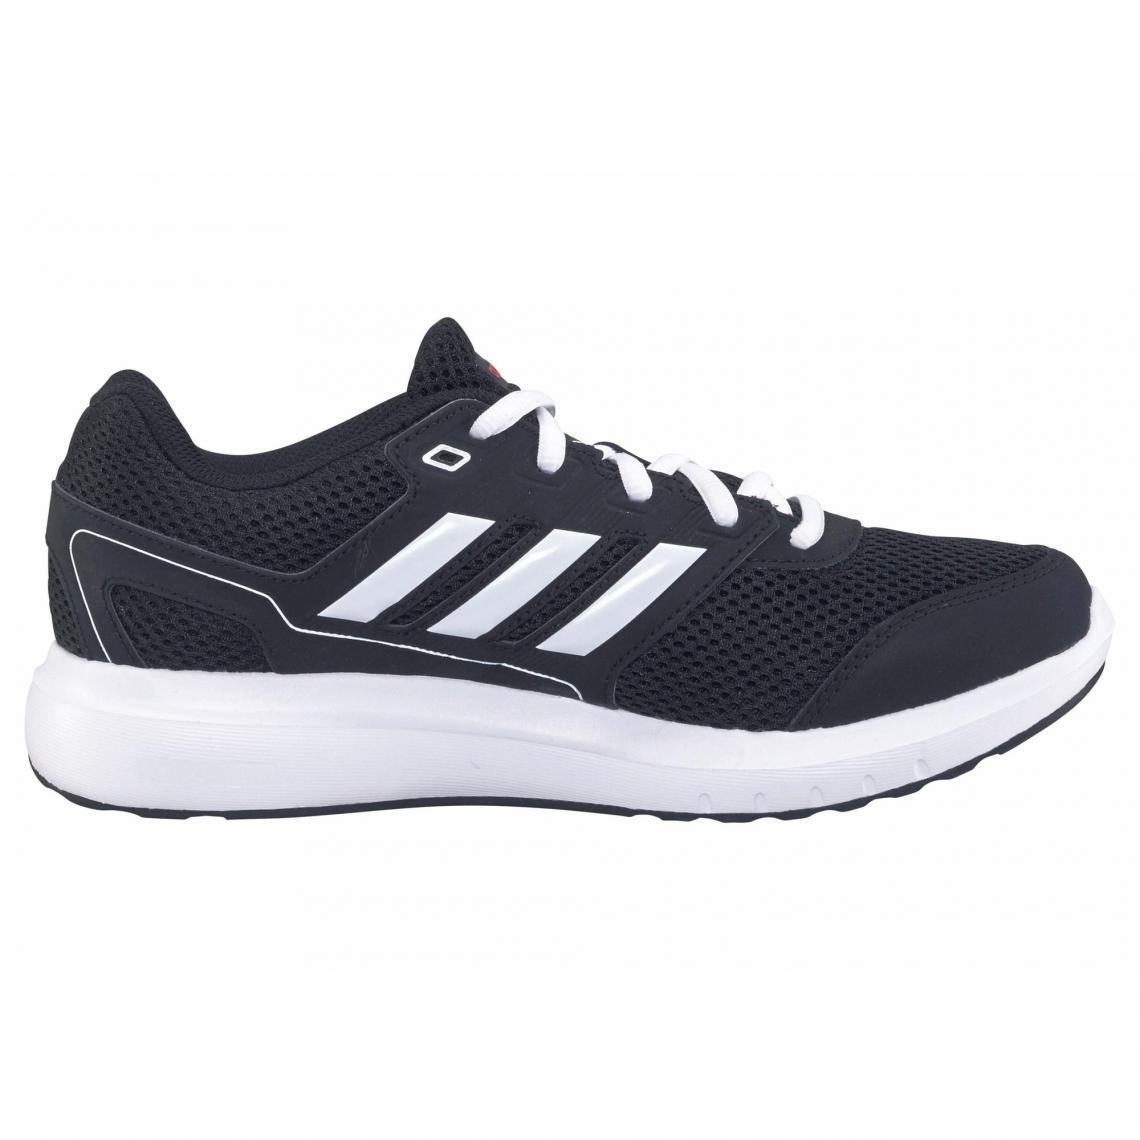 new product caf9d 477c0 Sneakers Adidas Cliquez limage pour lagrandir. adidas Performance Duramo  Lite 2.0 chaussures de running femme - Noir ...